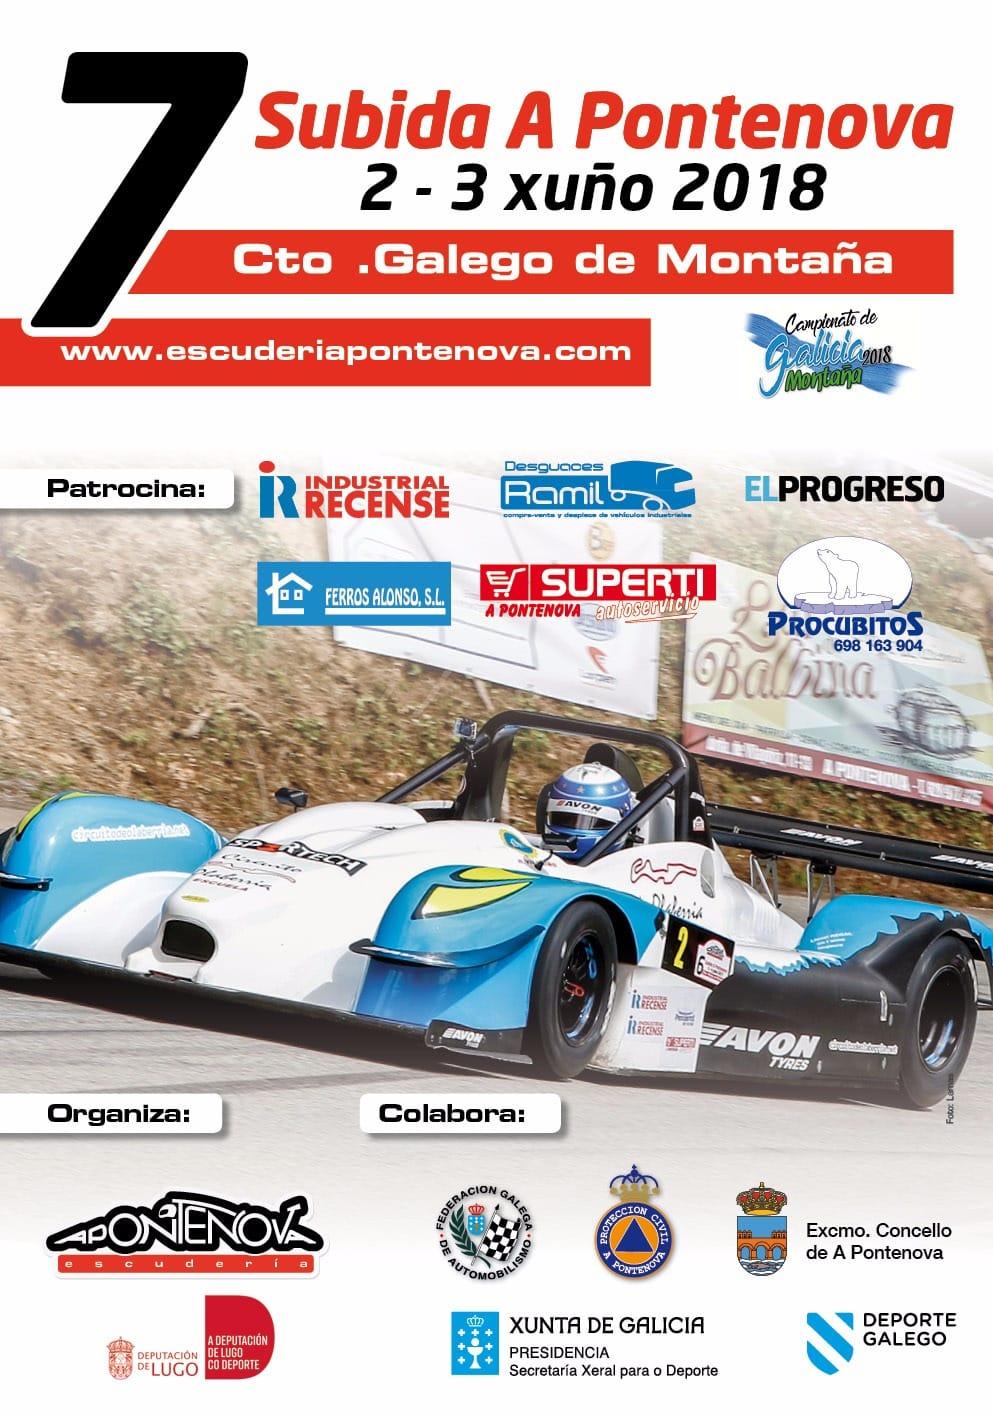 Campeonatos de Montaña Nacionales e Internacionales (FIA European Hillclimb, Berg Cup, MSA British Hillclimb, CIVM...) - Página 12 SubidaAPontenova2018_Cartel